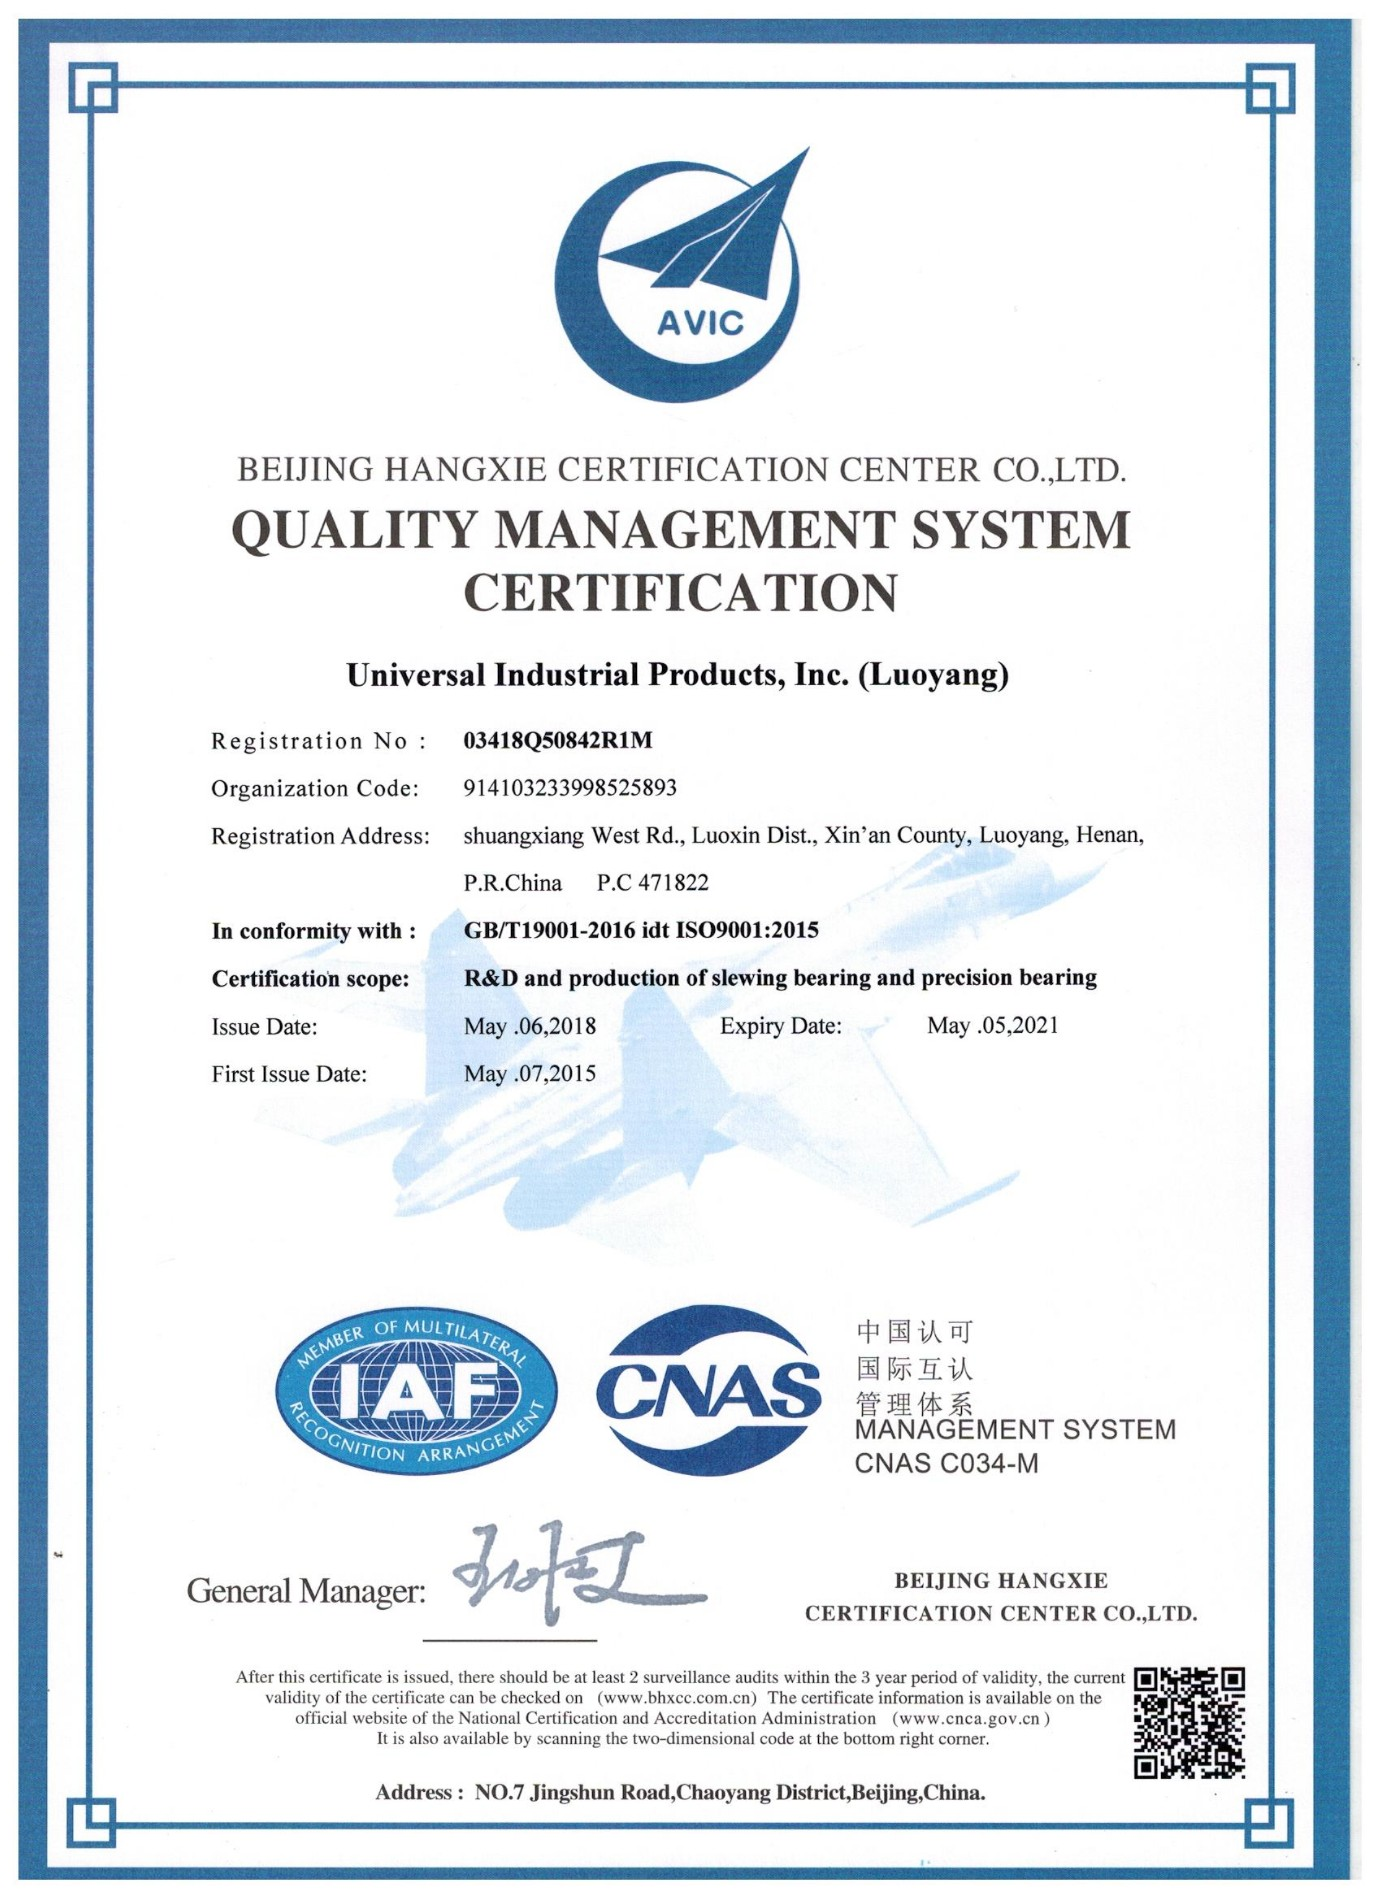 Wir sind ISO 9001: 2015 zertifizierter Hersteller